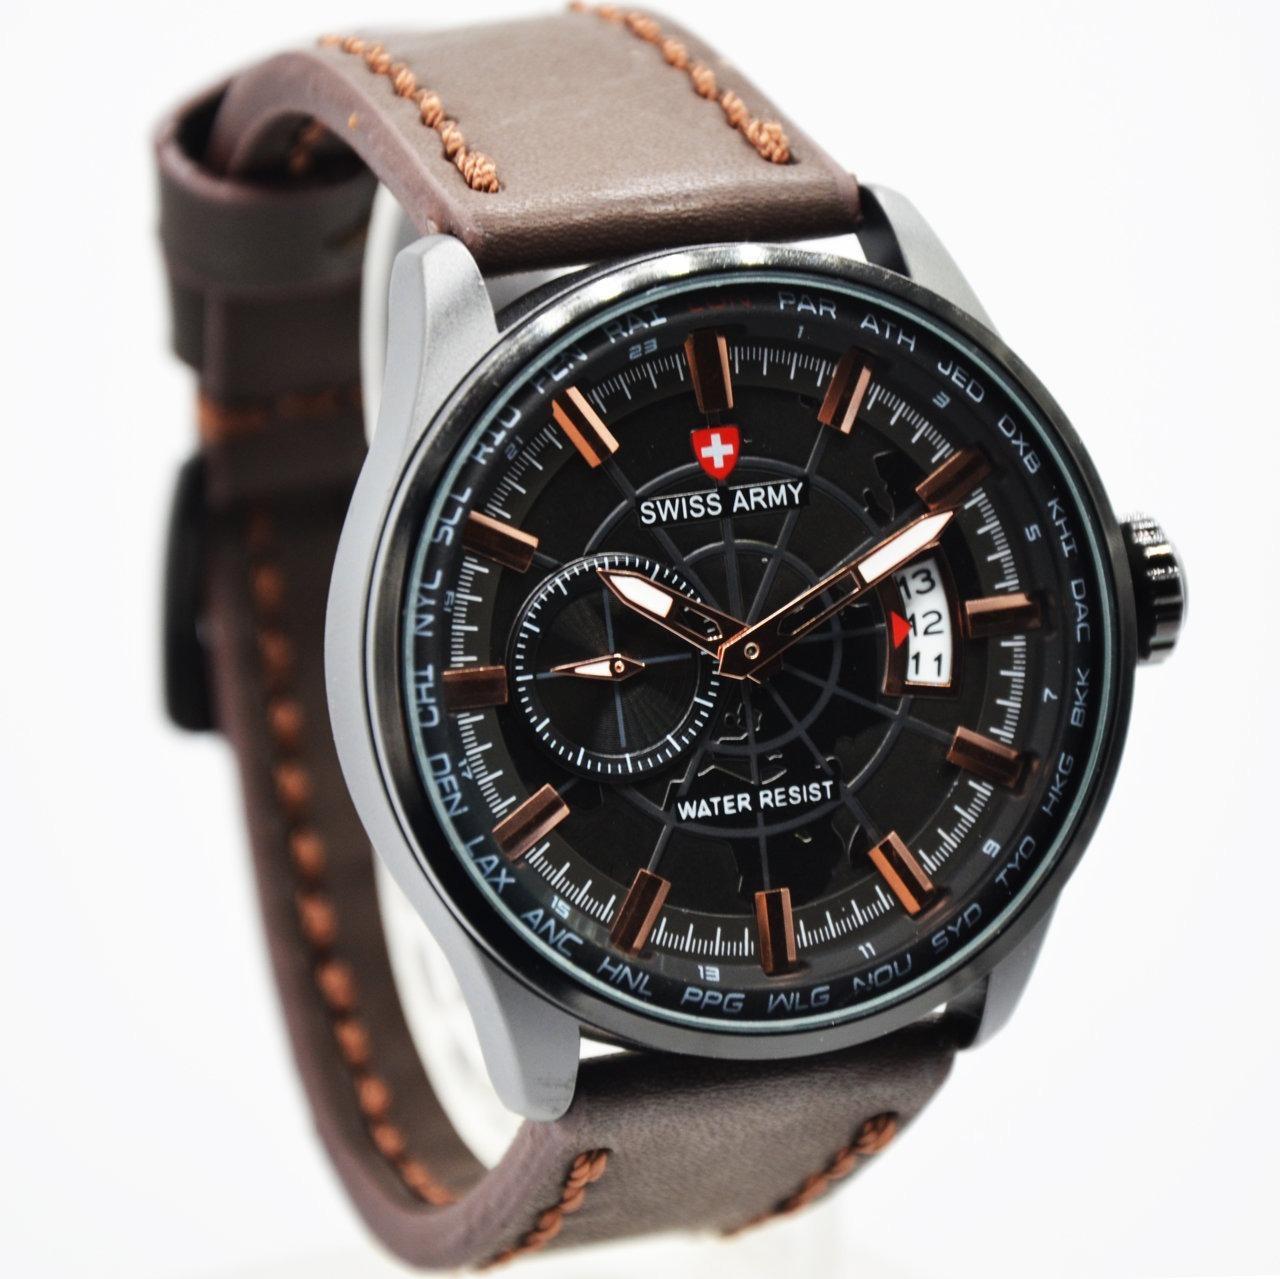 BISA BAYAR DI TEMPAT (COD) Jam Tangan SWISS ARMY ,Tali KuliT(Leather Strap)jam tangan model baru,jam tangan keren Limited edition (Tanggal Aktif)